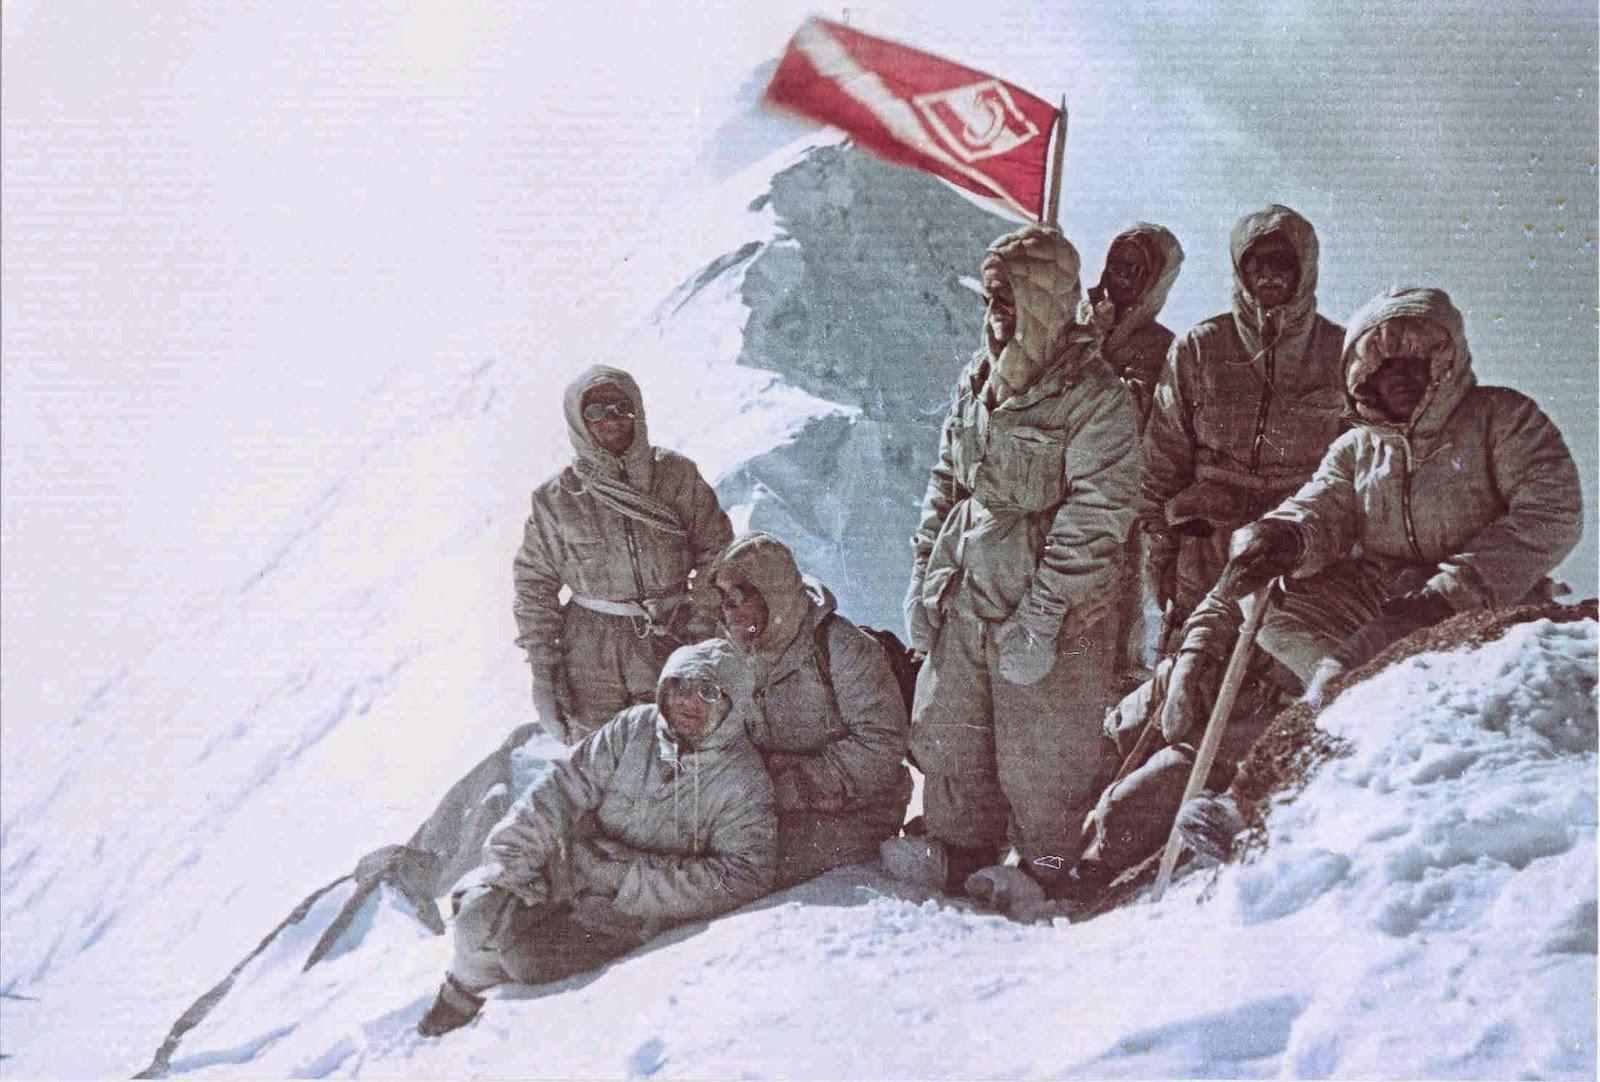 Denis Urubko, storie di montagna e amicizia